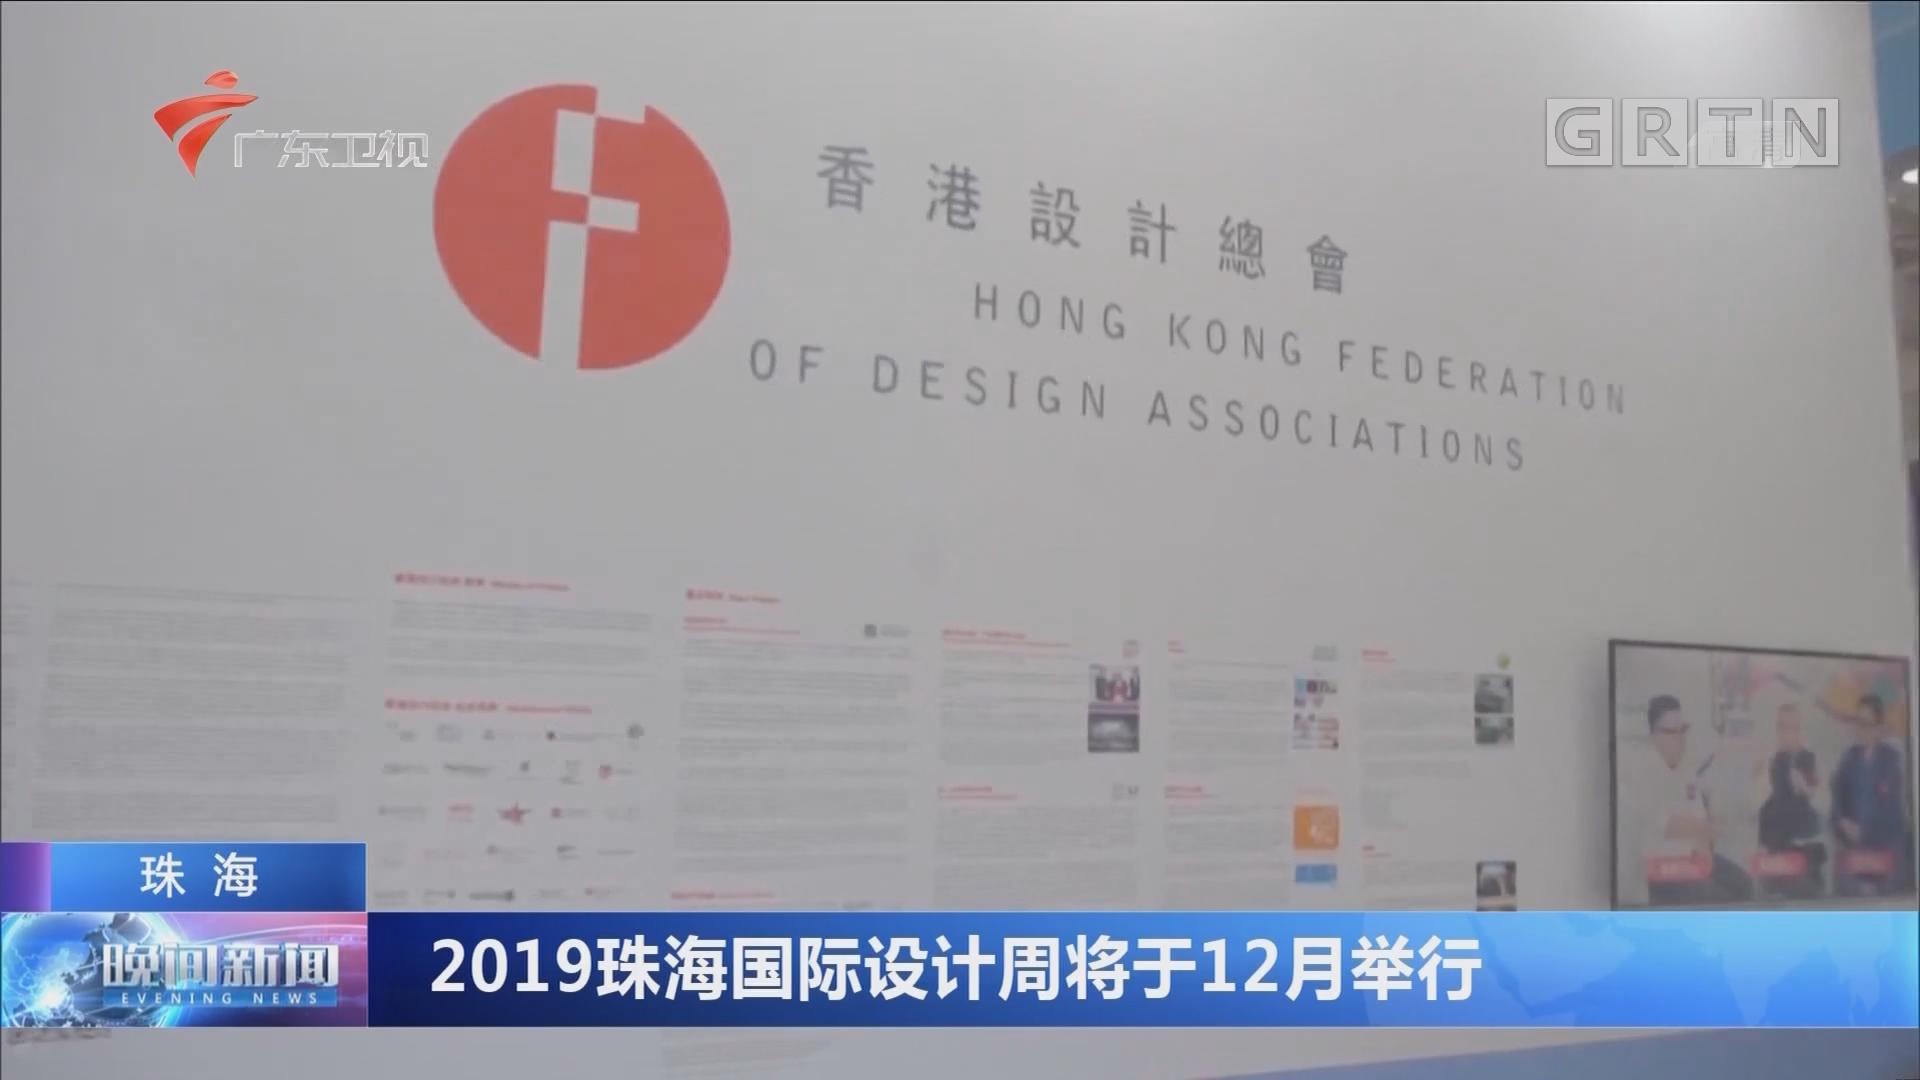 珠海:2019珠海国际设计周将于12月举行